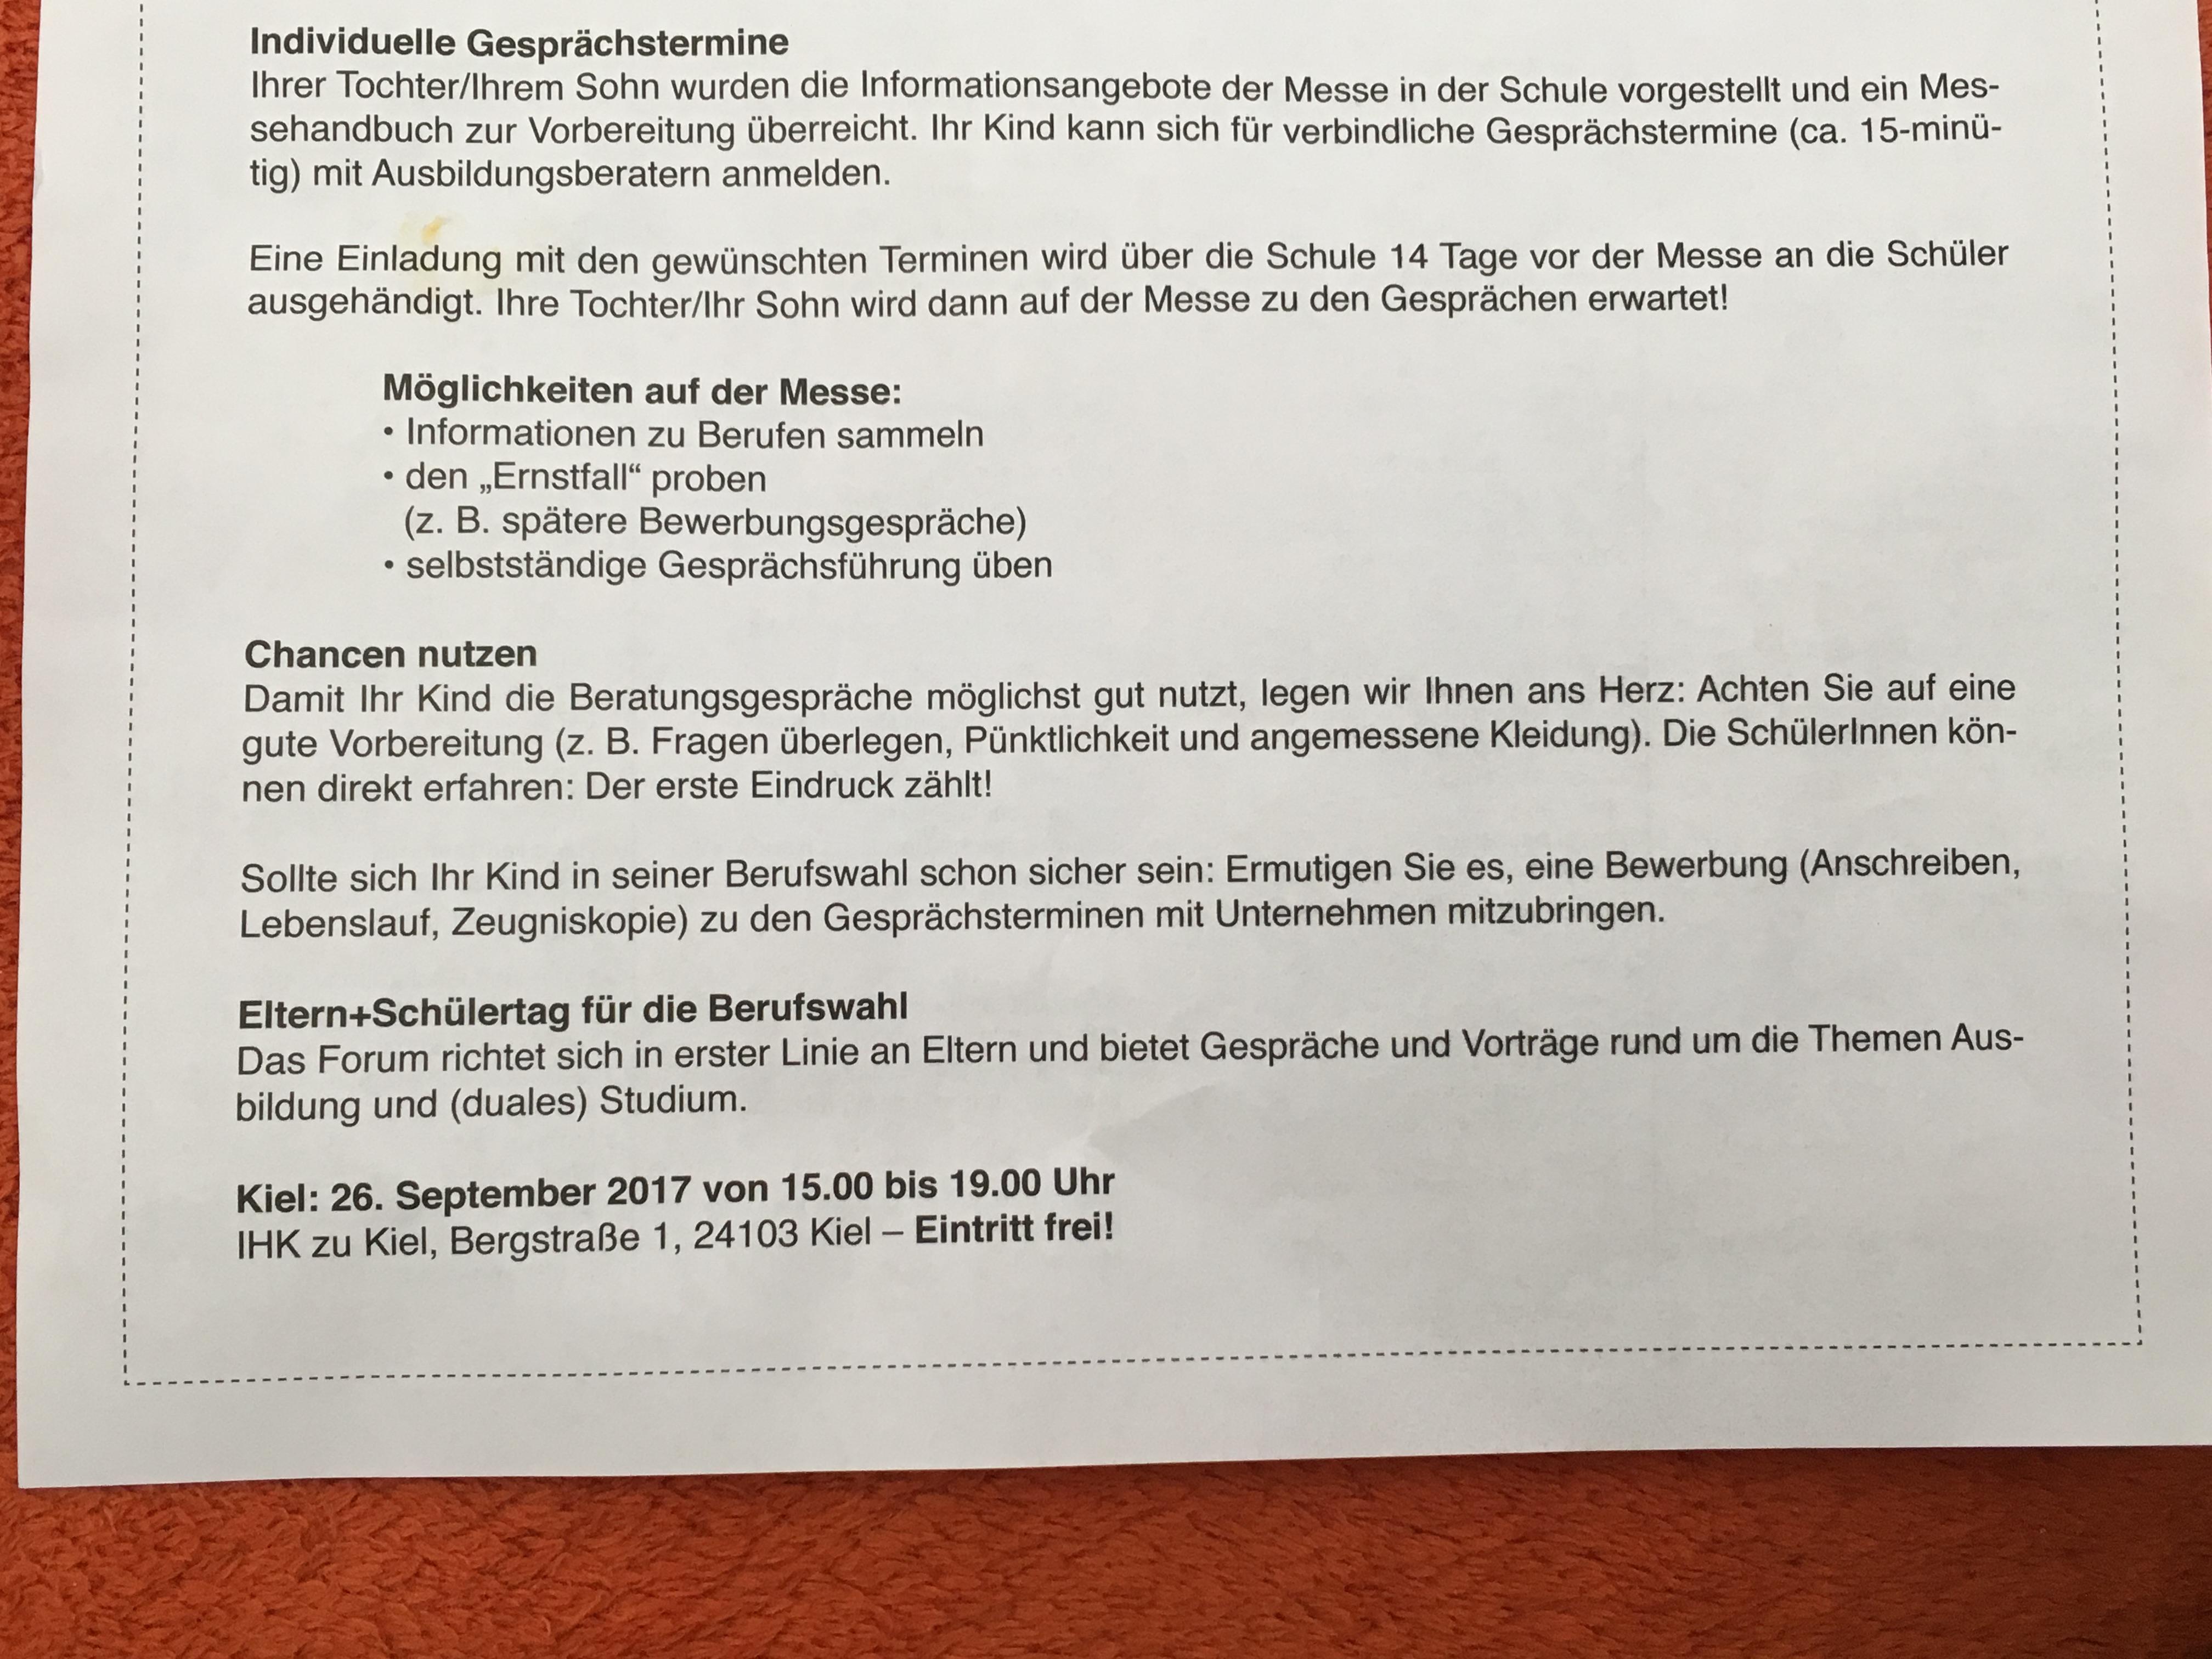 Schön B Schule Lebenslauf Proben Ideen - Beispielzusammenfassung ...